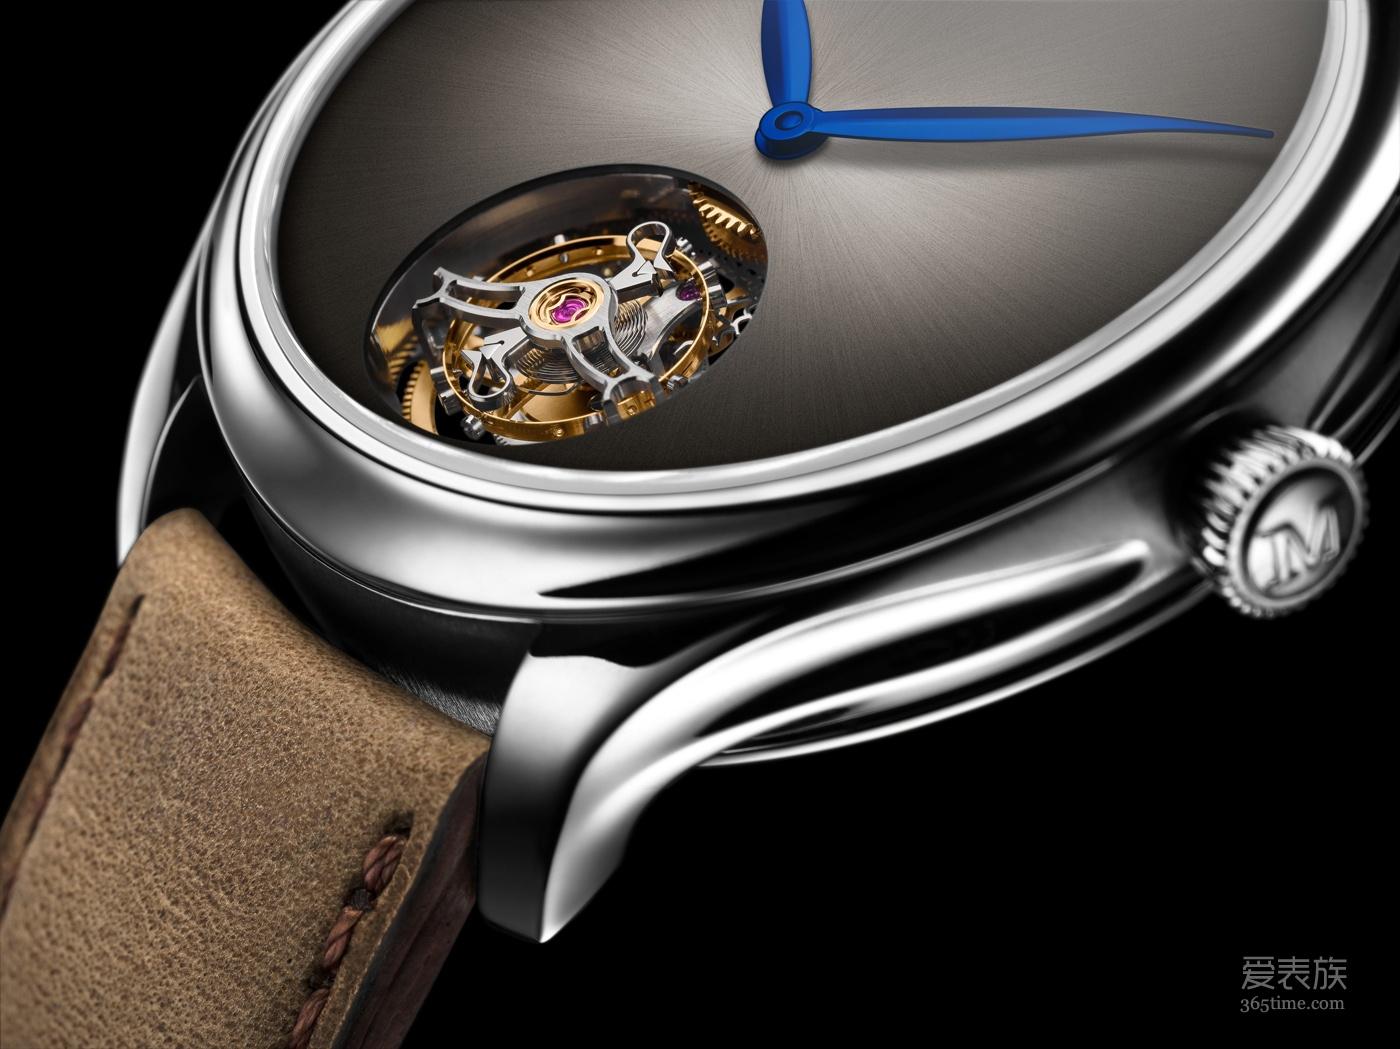 2018 年日内瓦国际高级钟表展 H. MOSER & CIE. 亨利慕时勇创者陀飞轮概念腕表